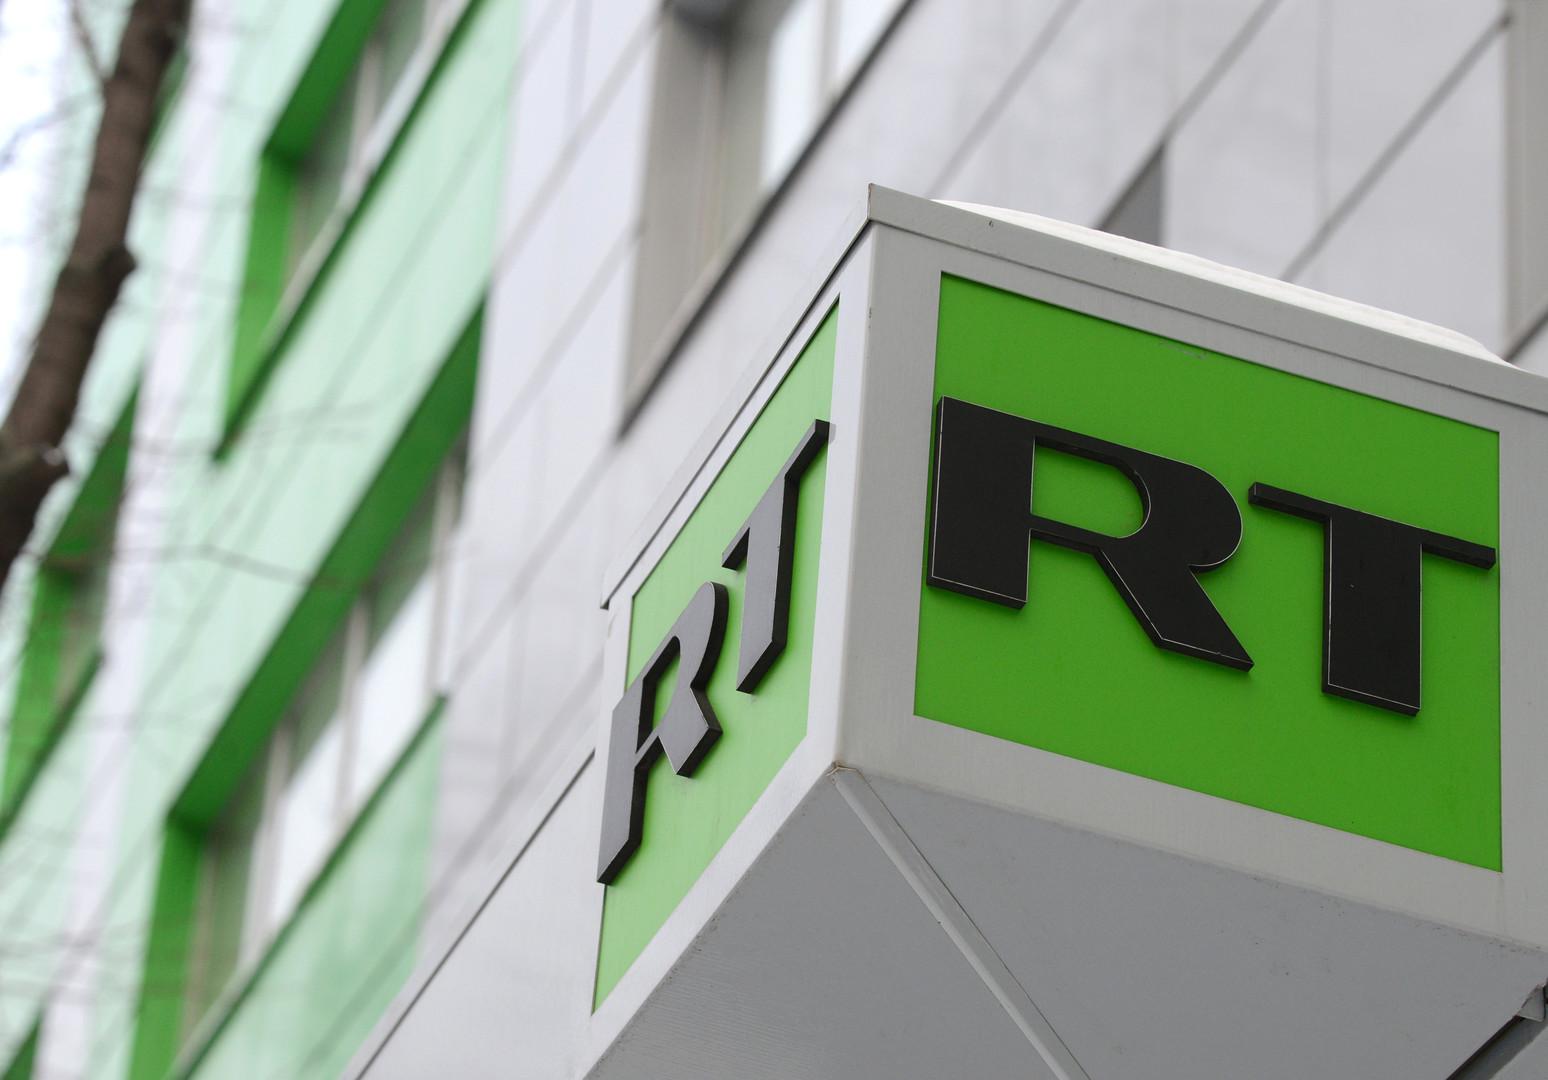 Сайт RT подвергся серии мощных хакерских атак